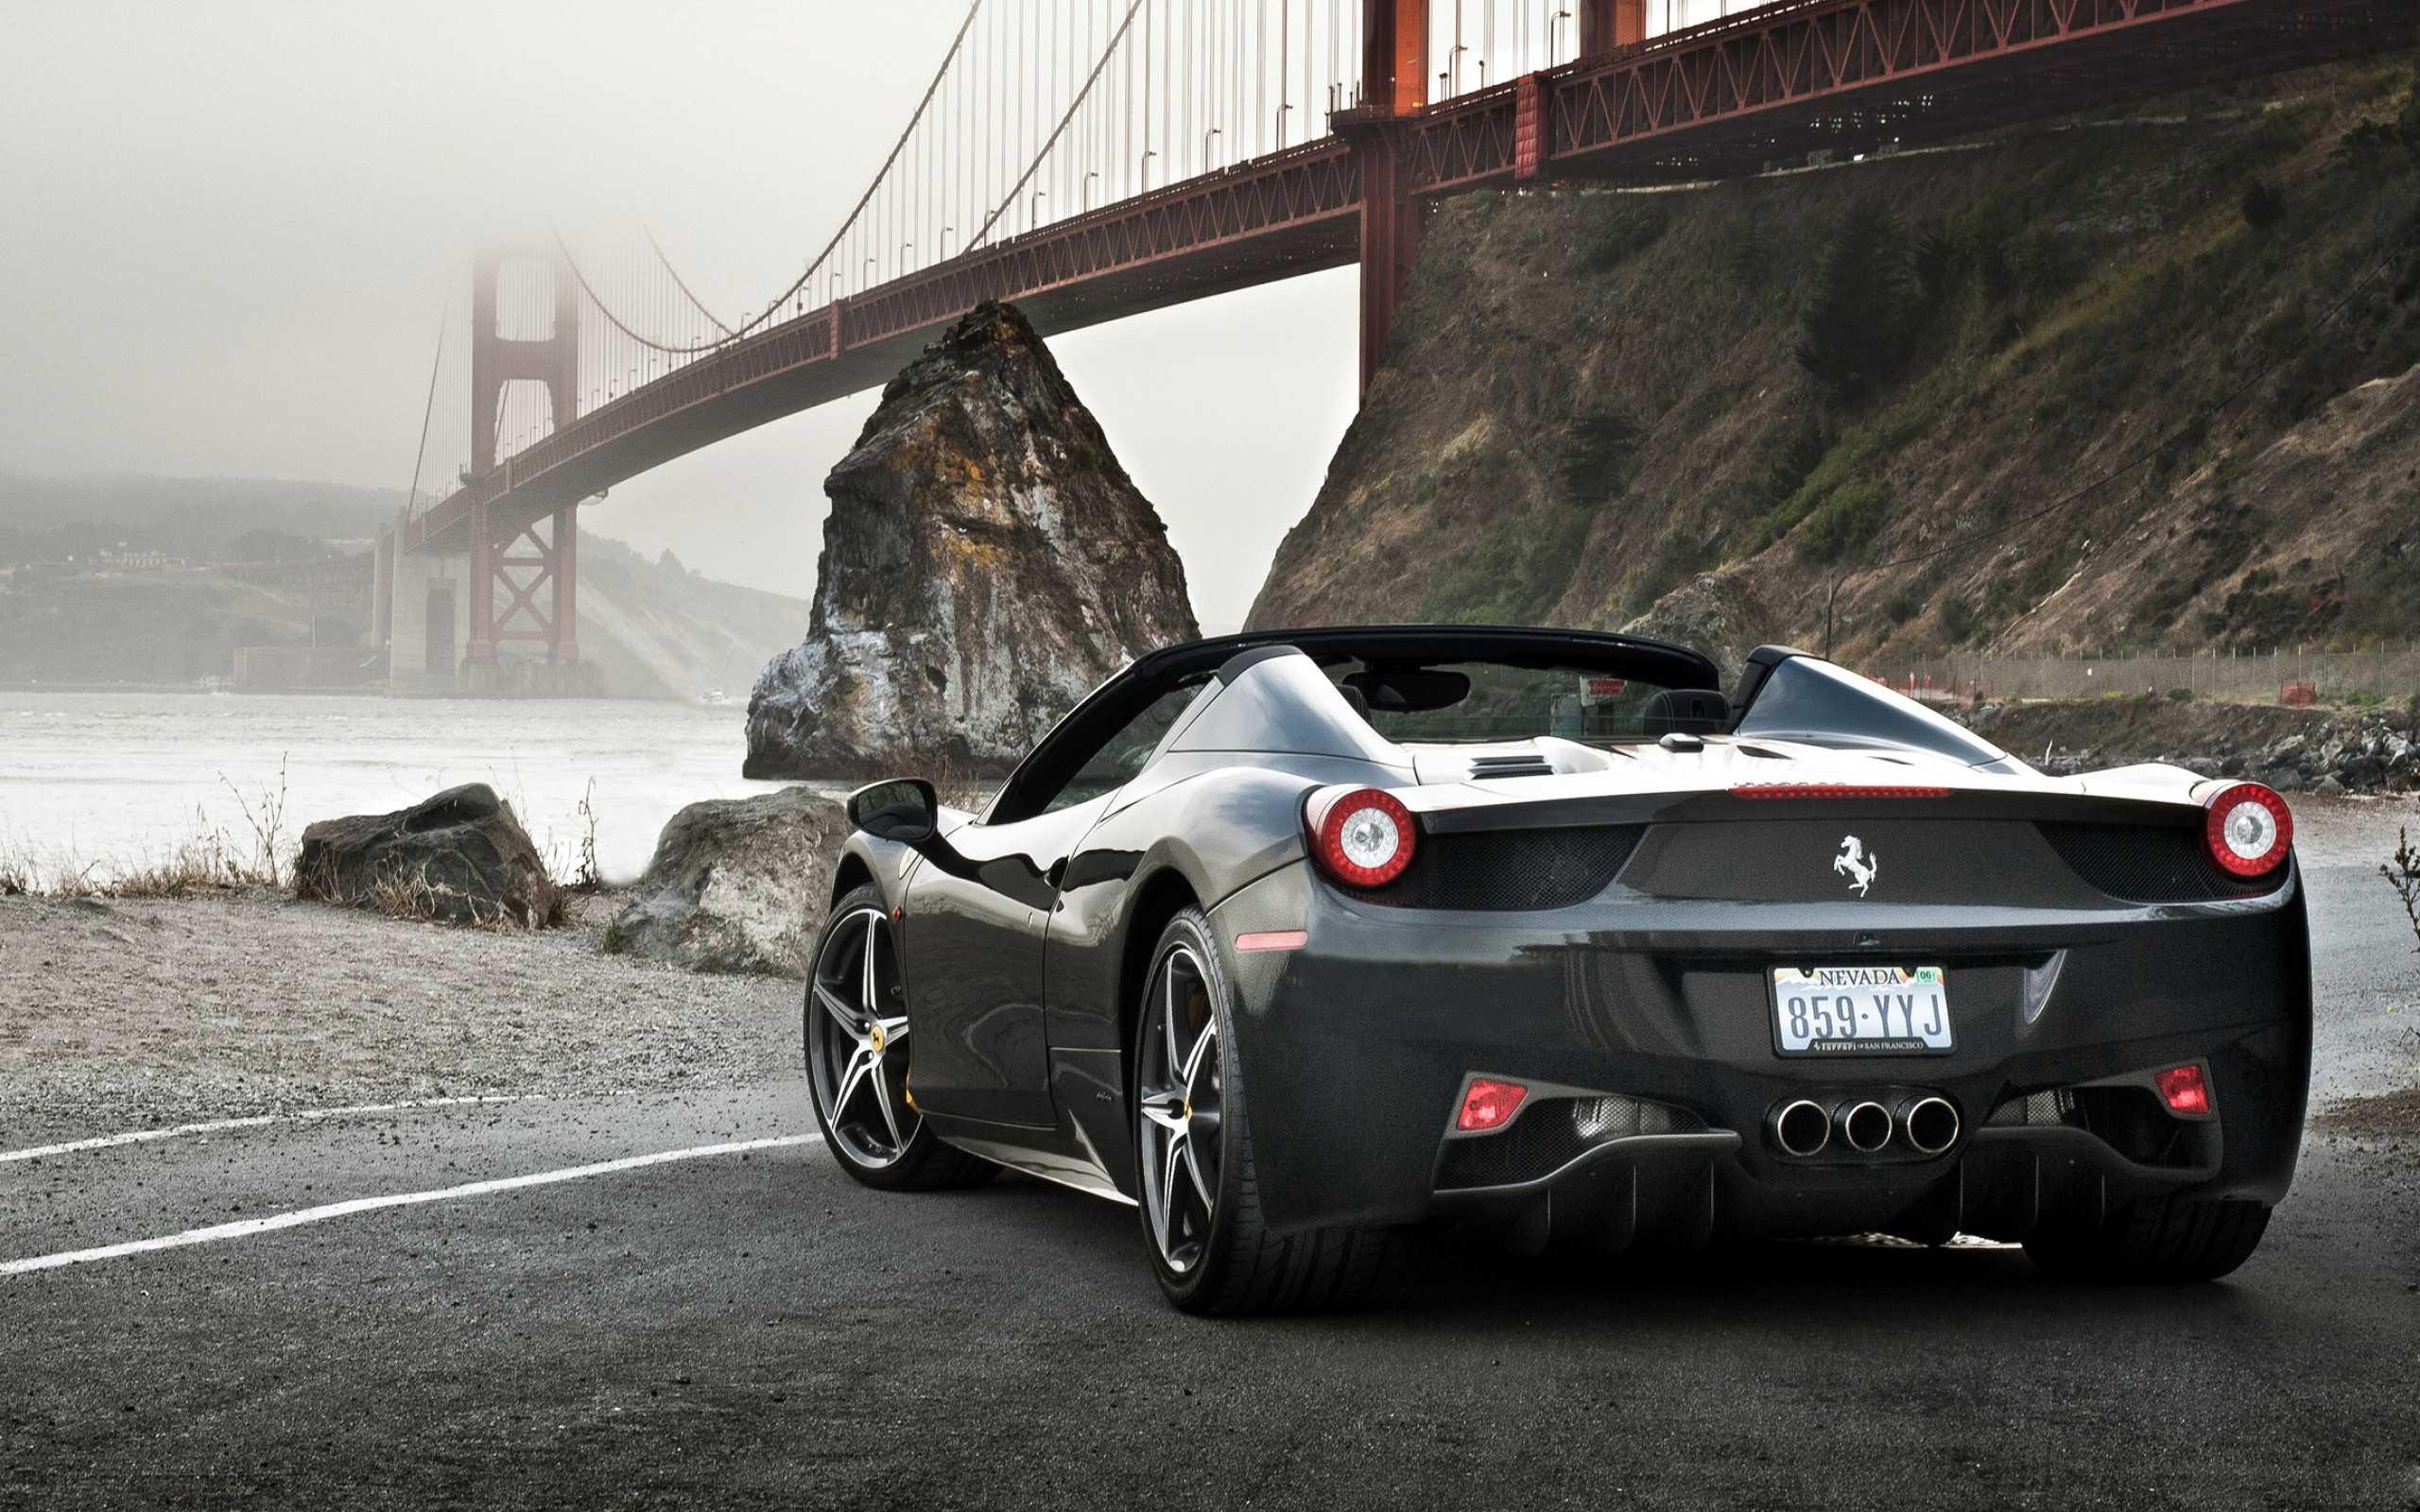 photos-for-ferrari-supercar-wallpaper-hd-farrari-super-car-images-laptop